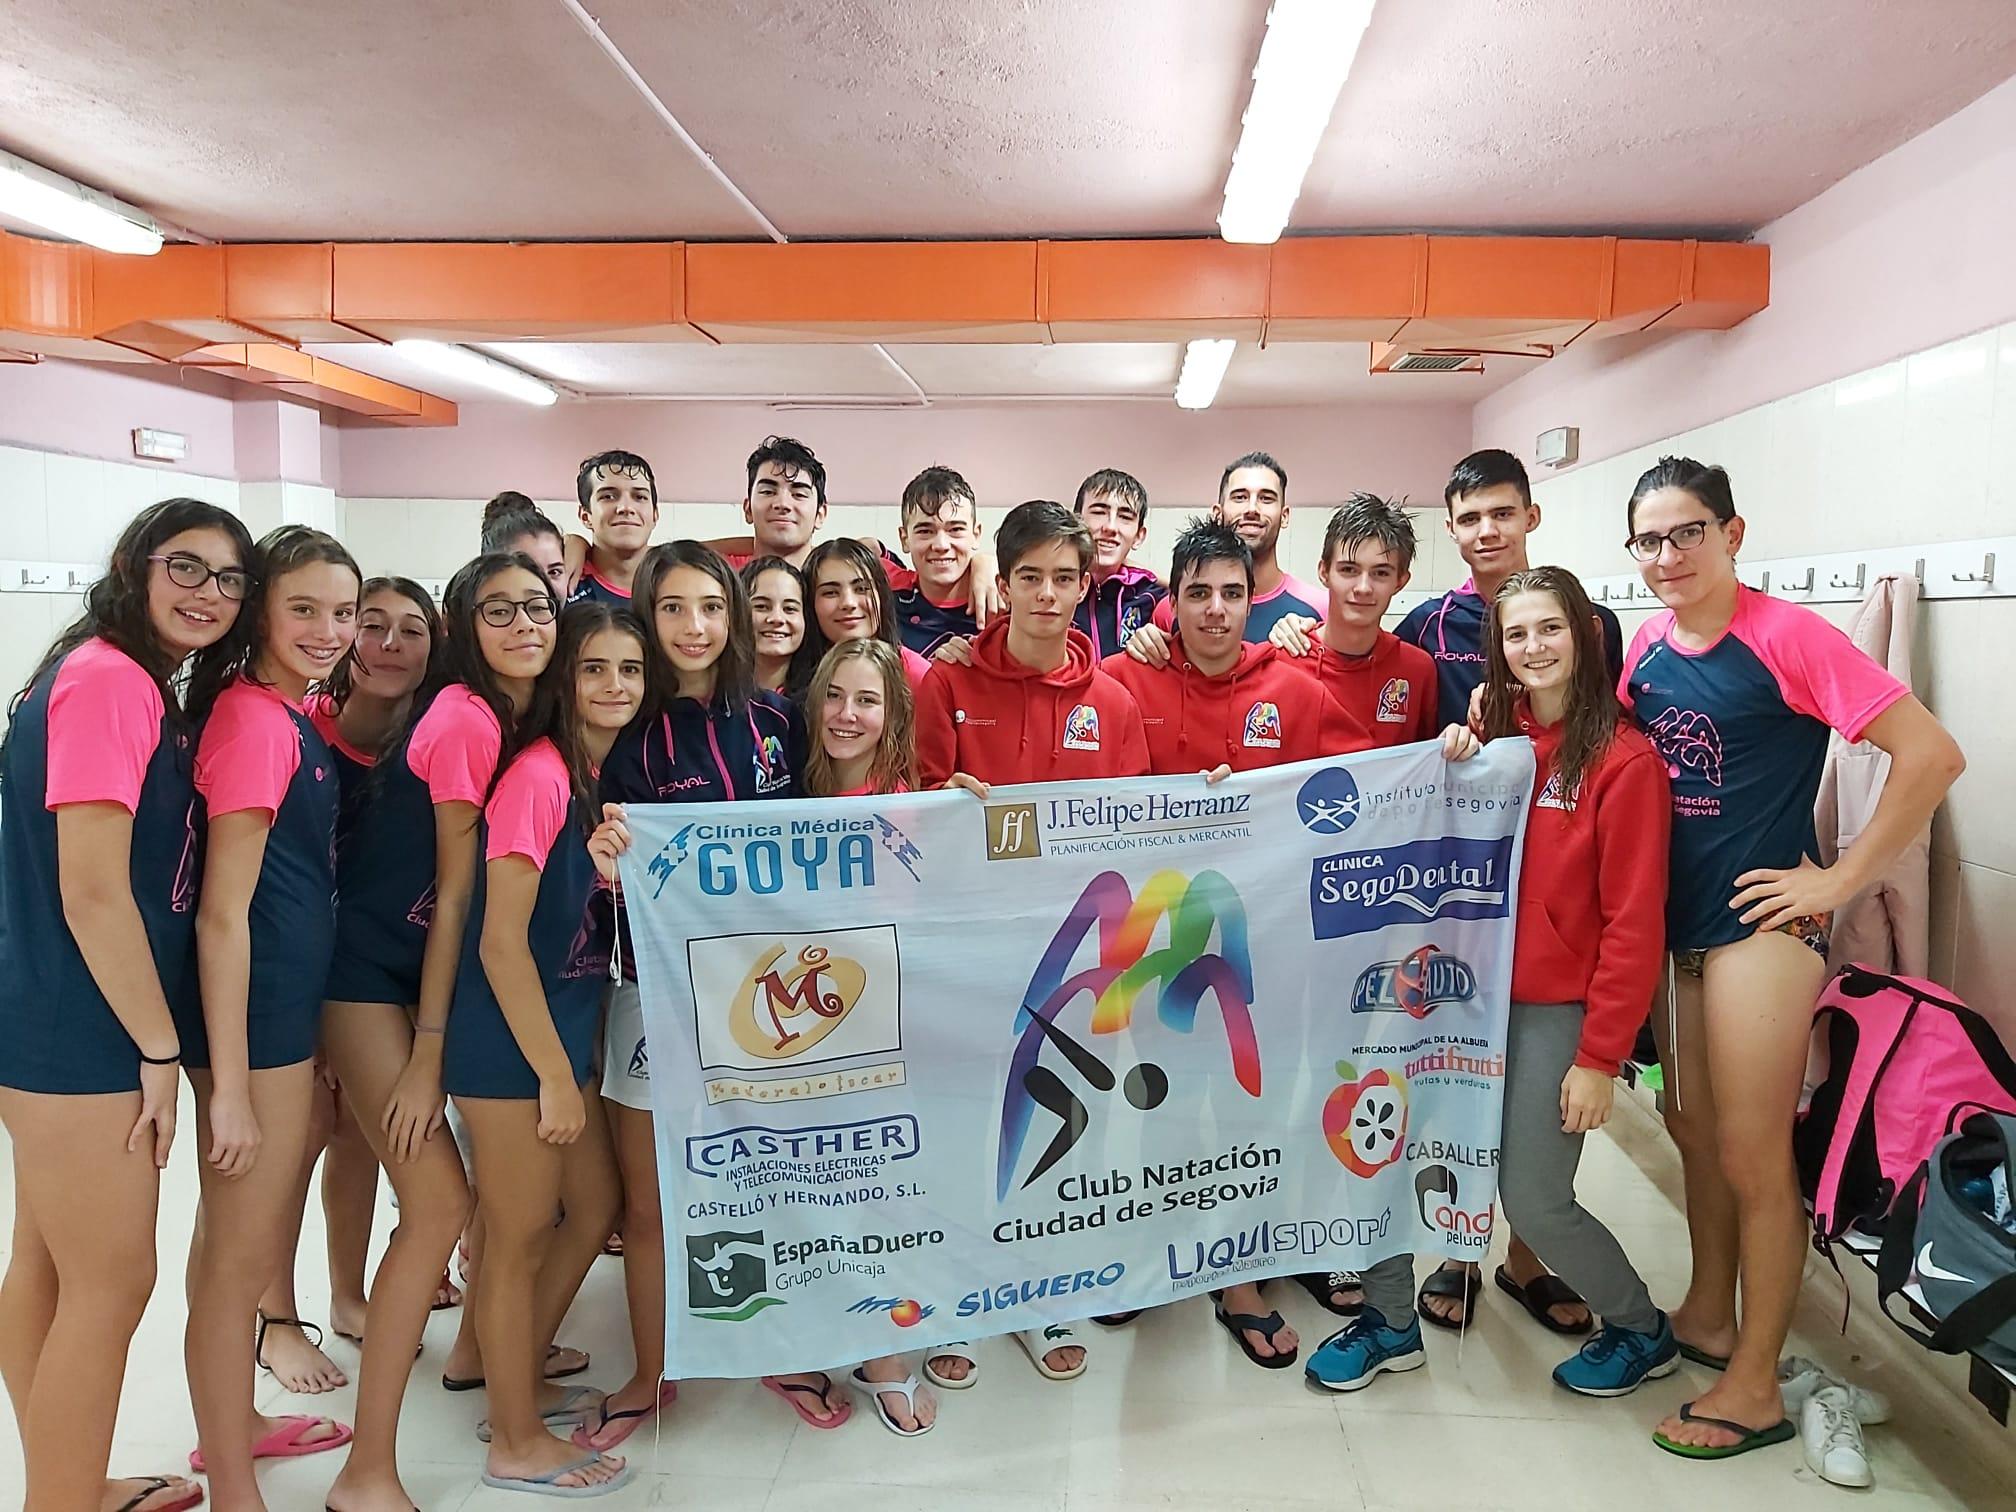 Gran comienzo de temporada del Club Natación IMD Ciudad de Segovia